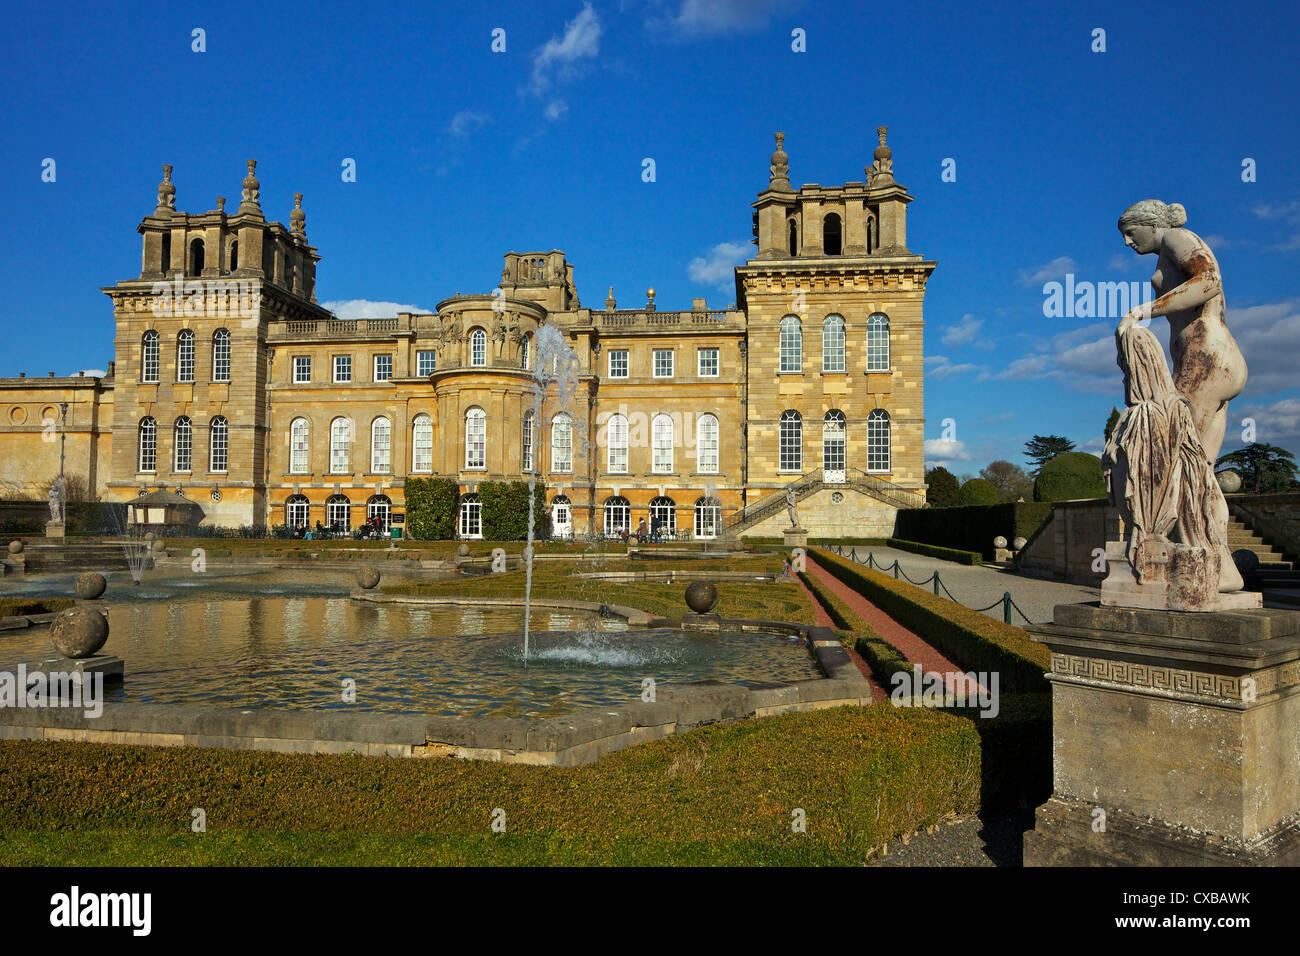 Los jardines de agua, el Palacio de Blenheim, Sitio del Patrimonio Mundial de la UNESCO, Woodstock, Oxfordshire, Imagen De Stock